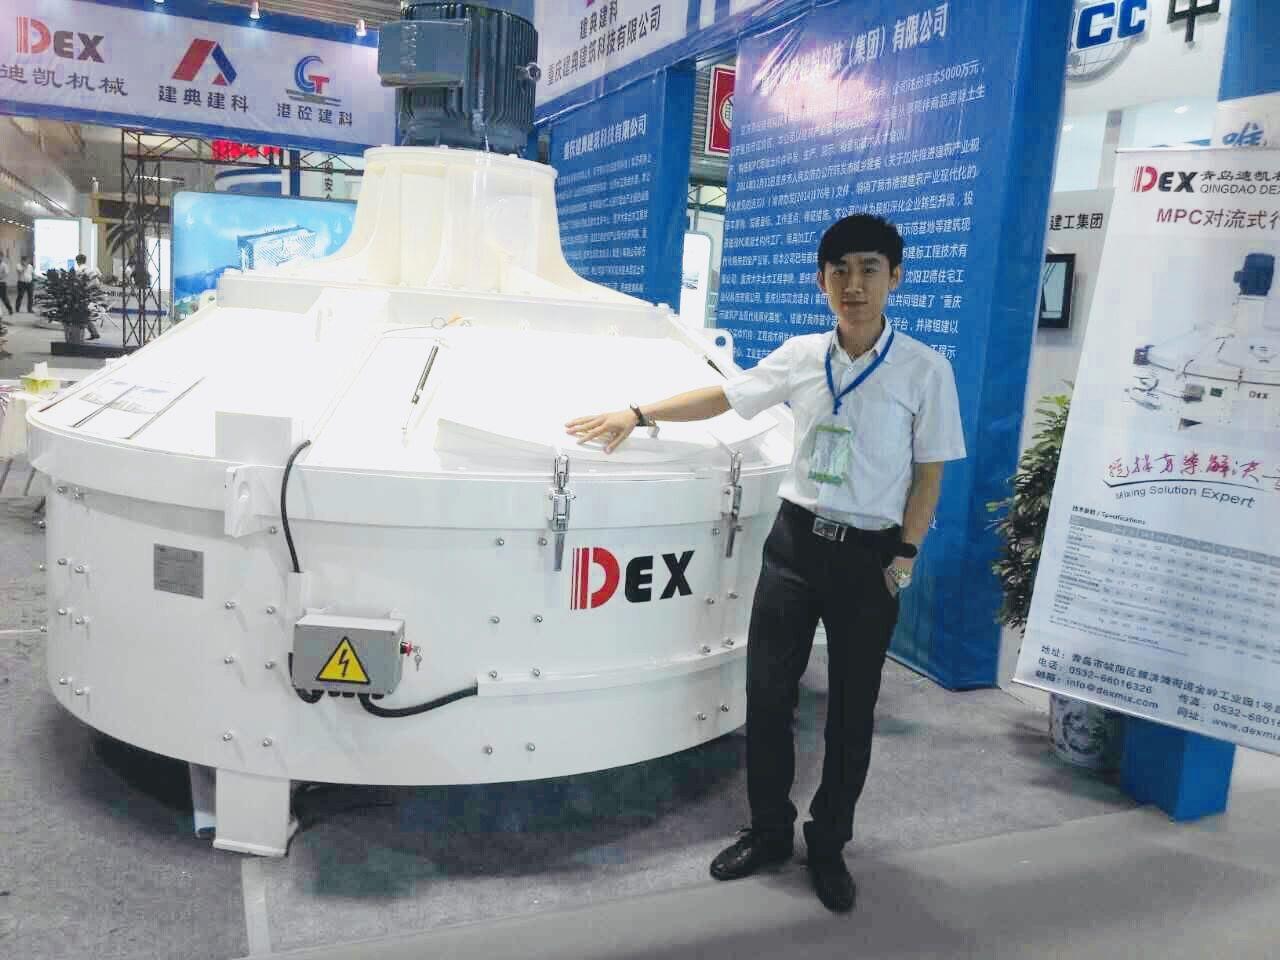 行星轮碾机DEX